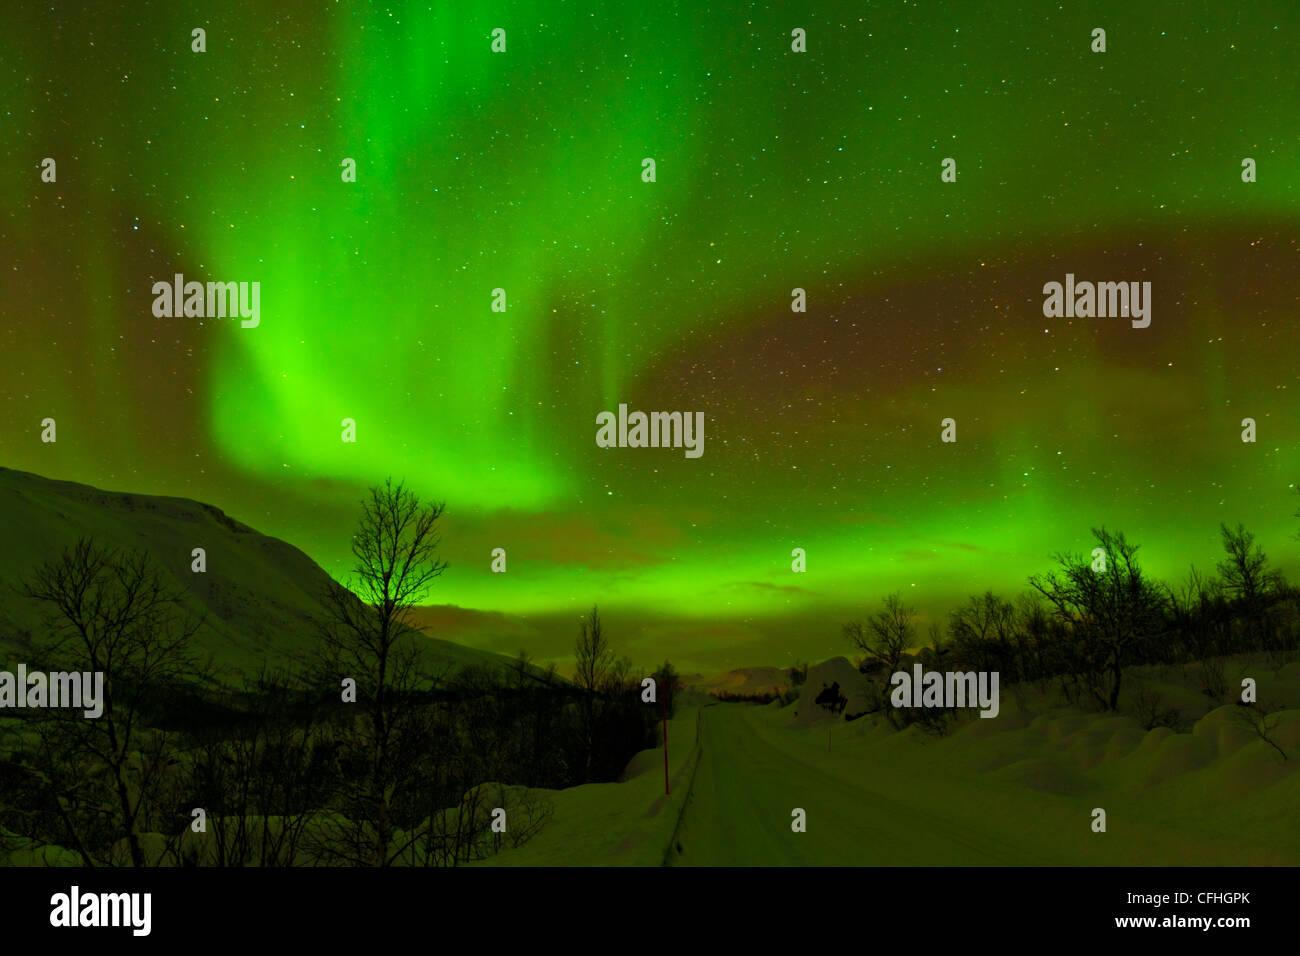 La aurora boreal o luces del norte vistos a lo largo de una carretera cubierta de nieve, Troms, al norte de Noruega, Imagen De Stock